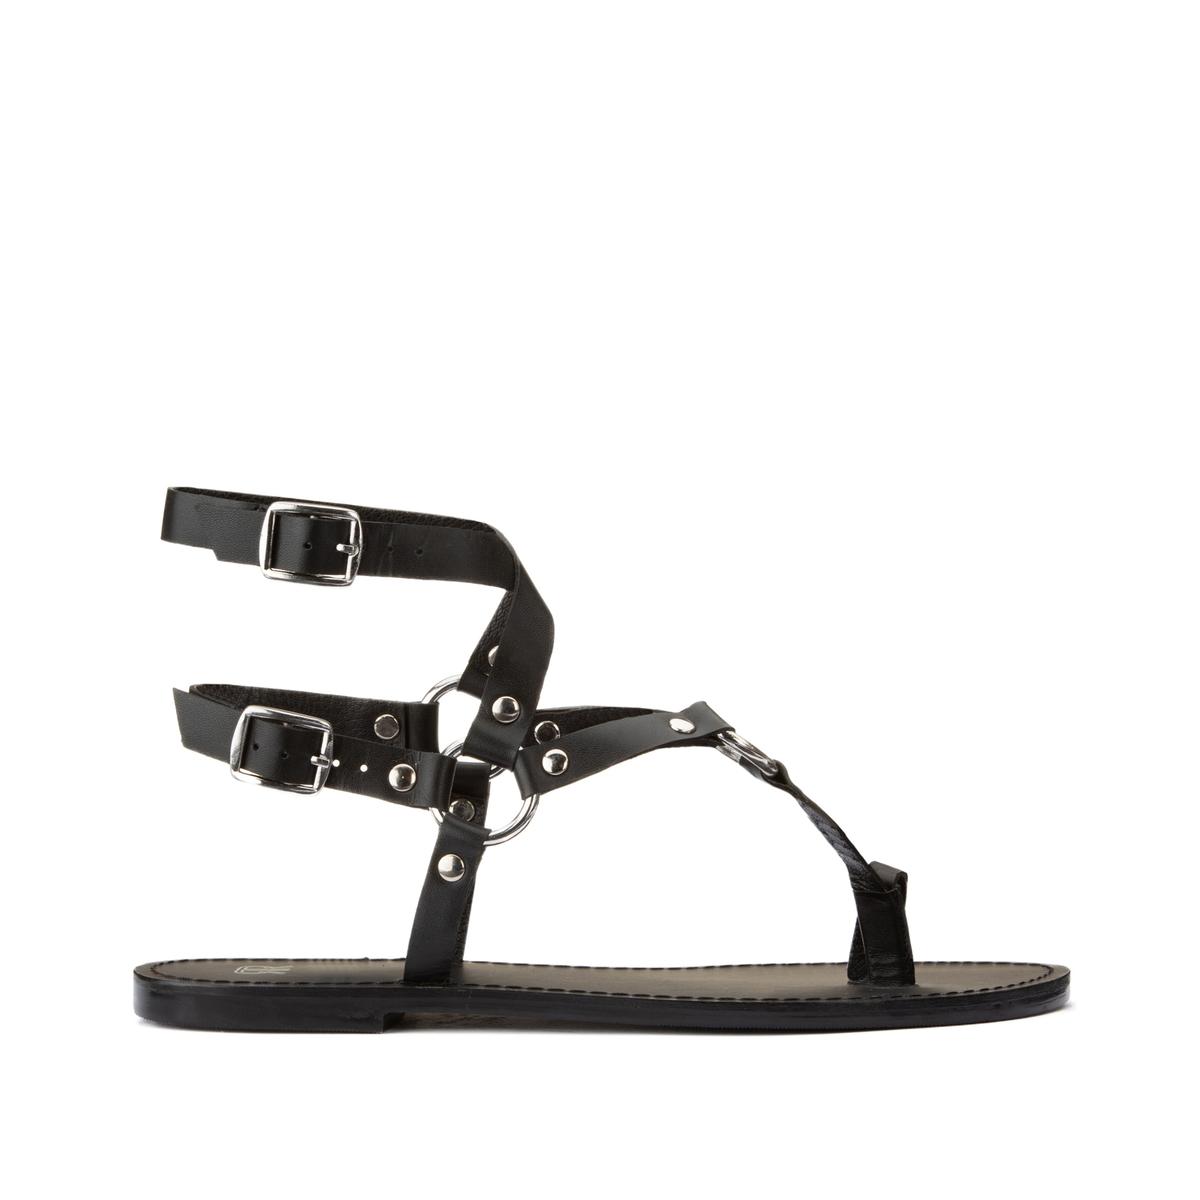 цена Босоножки La Redoute Кожаные с ремешками вокруг щиколотки на плоском каблуке 36 черный онлайн в 2017 году